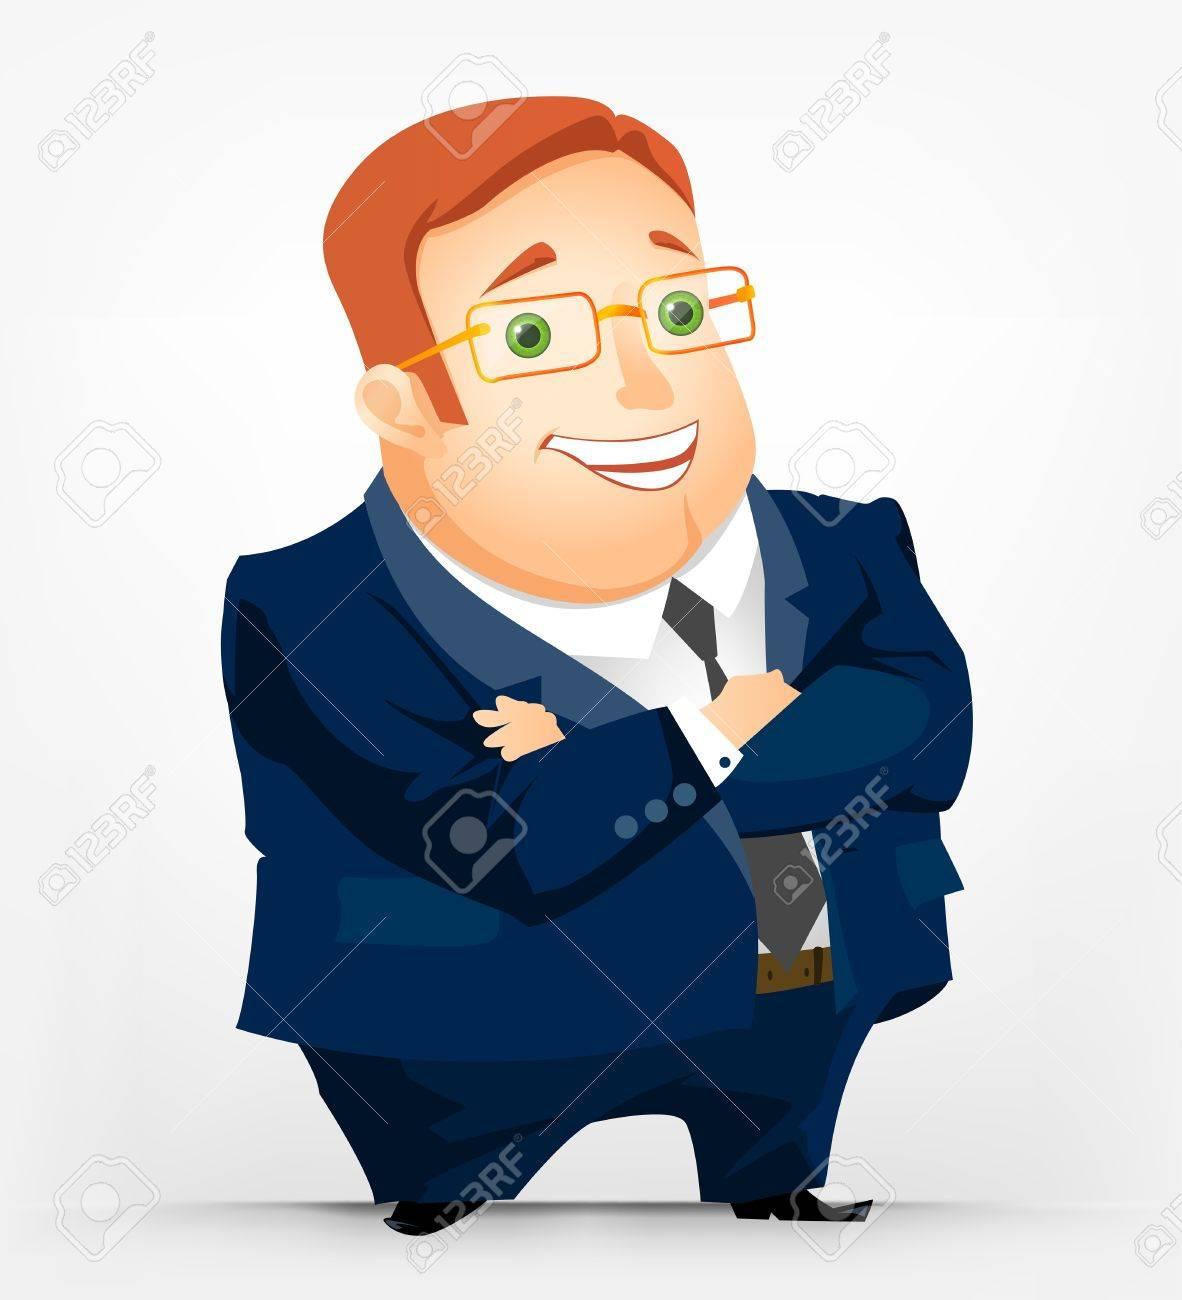 Cheerful Chubby Man Stock Vector - 17546349